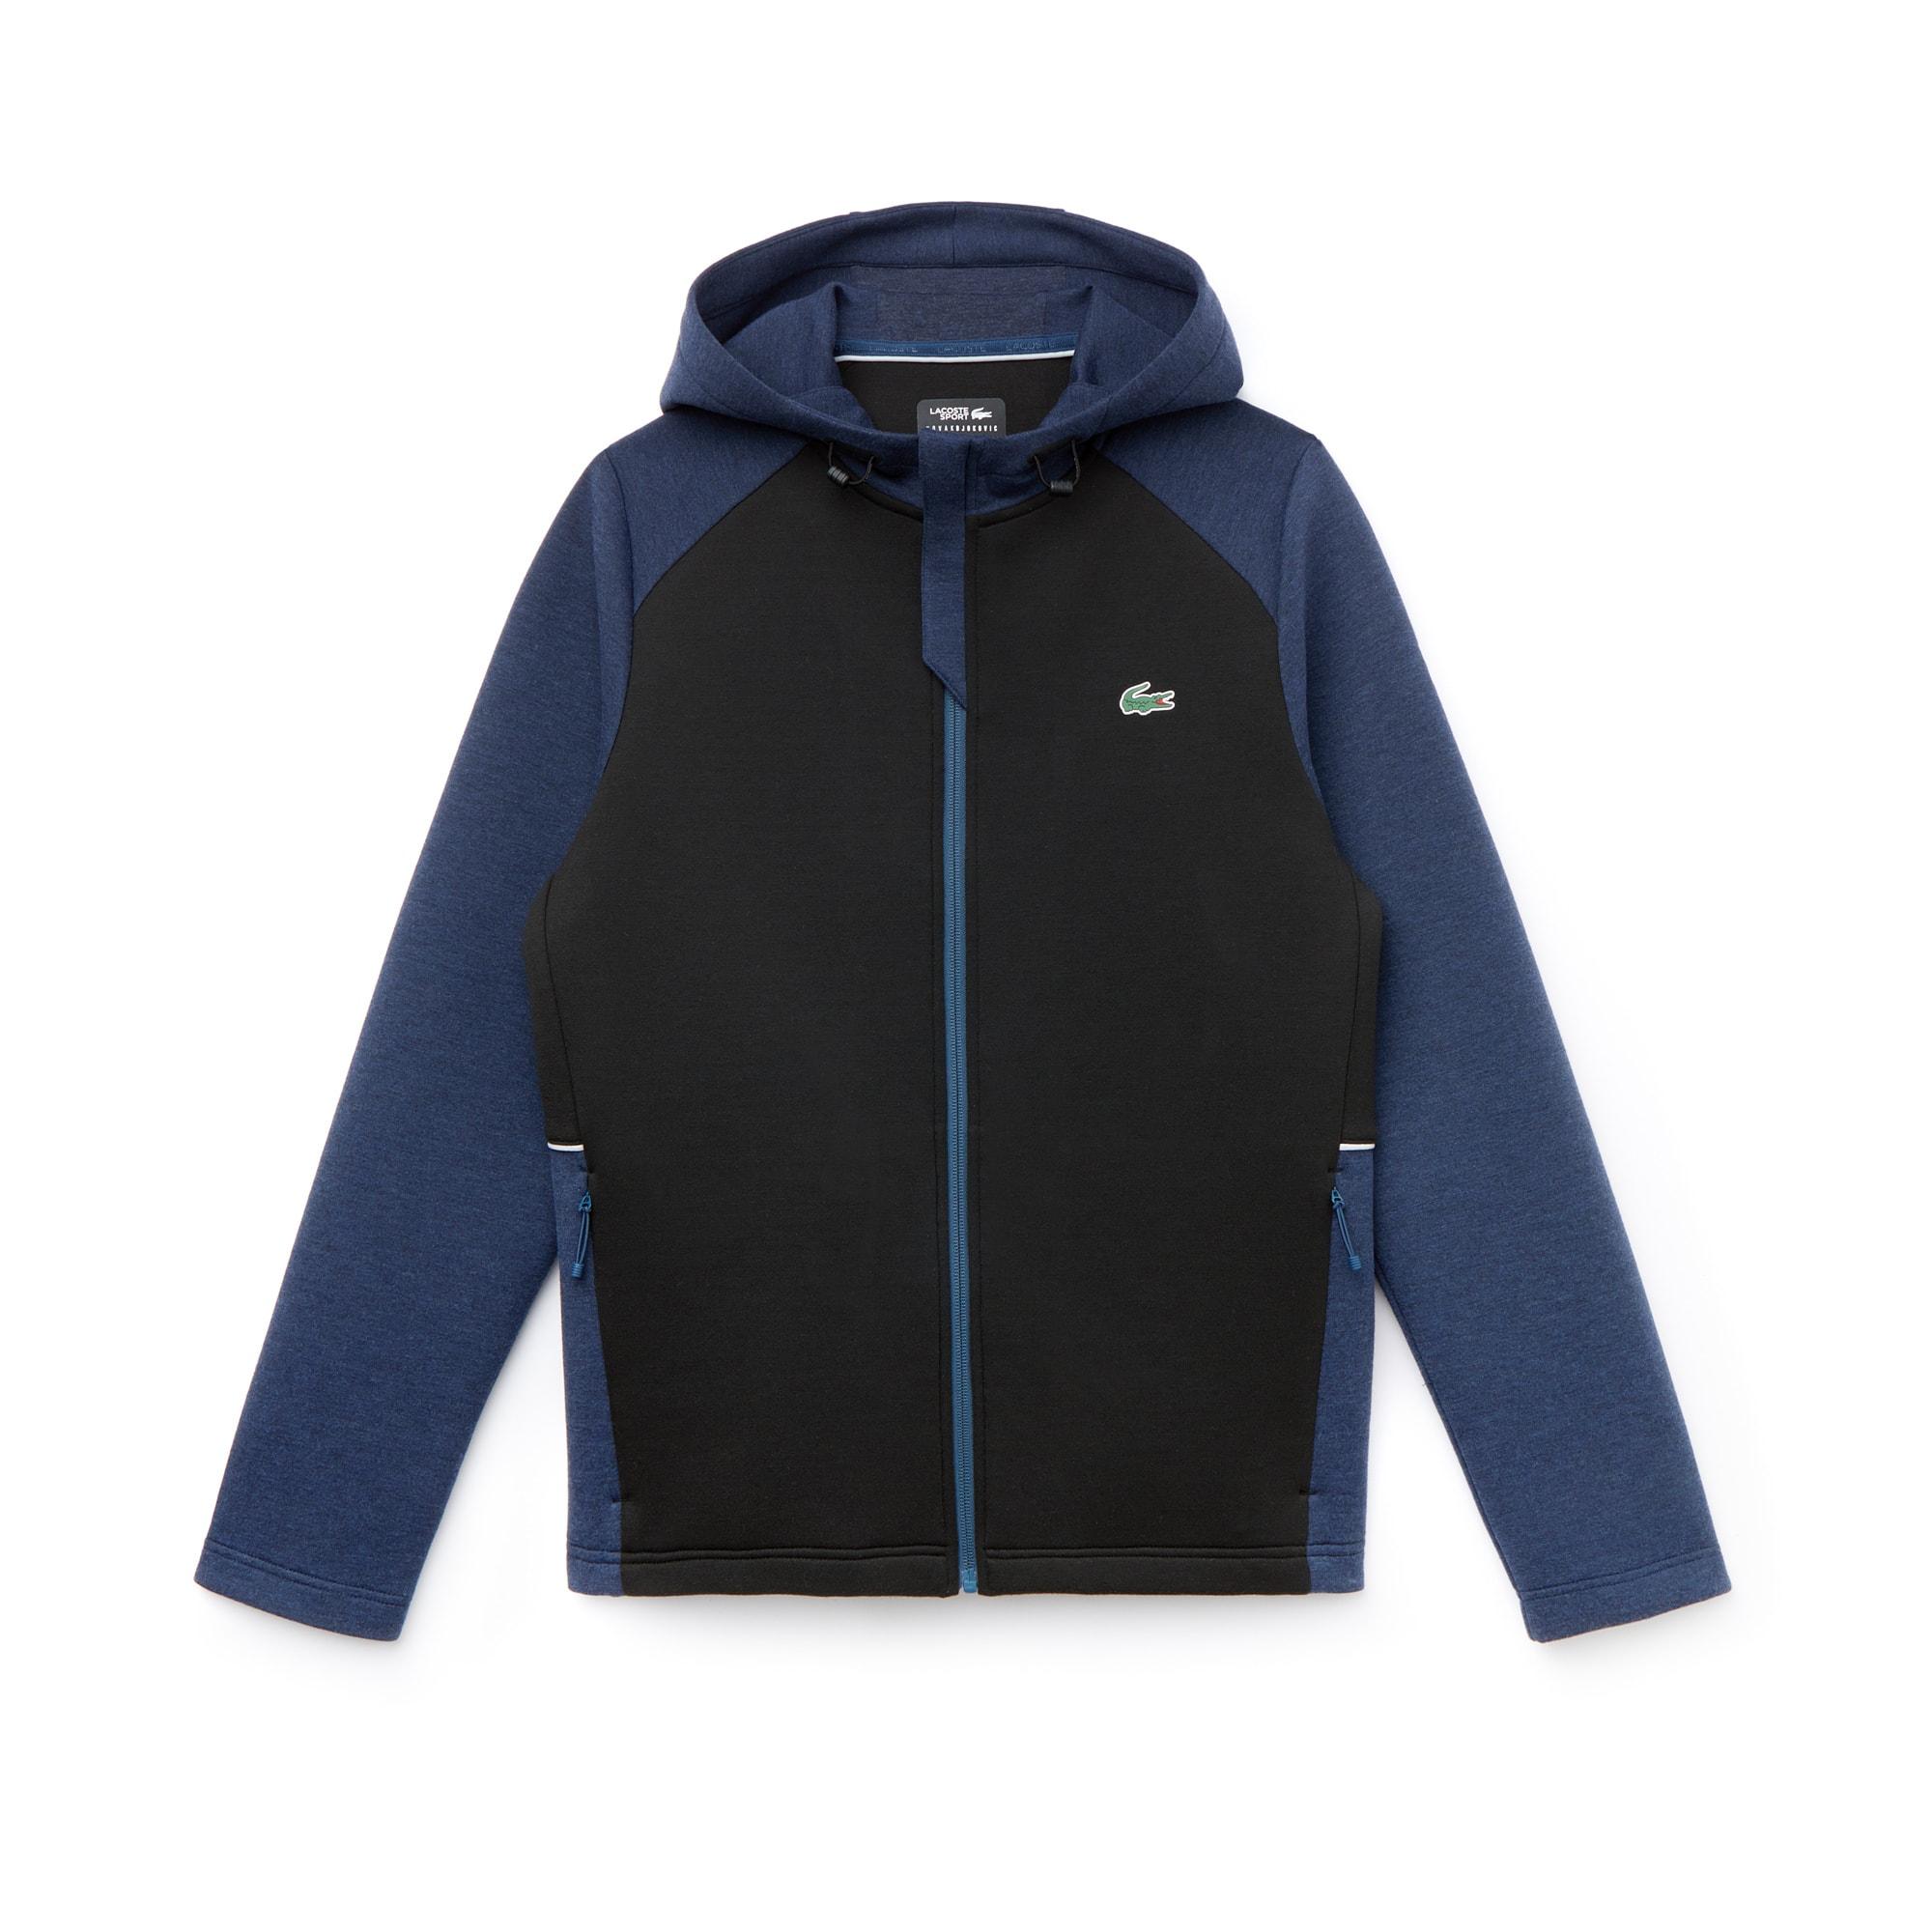 Men's SPORT Bicolor Technical Midlayer Hooded Zip Sweatshirt -  x Novak Djokovic Off Court Premium Edition